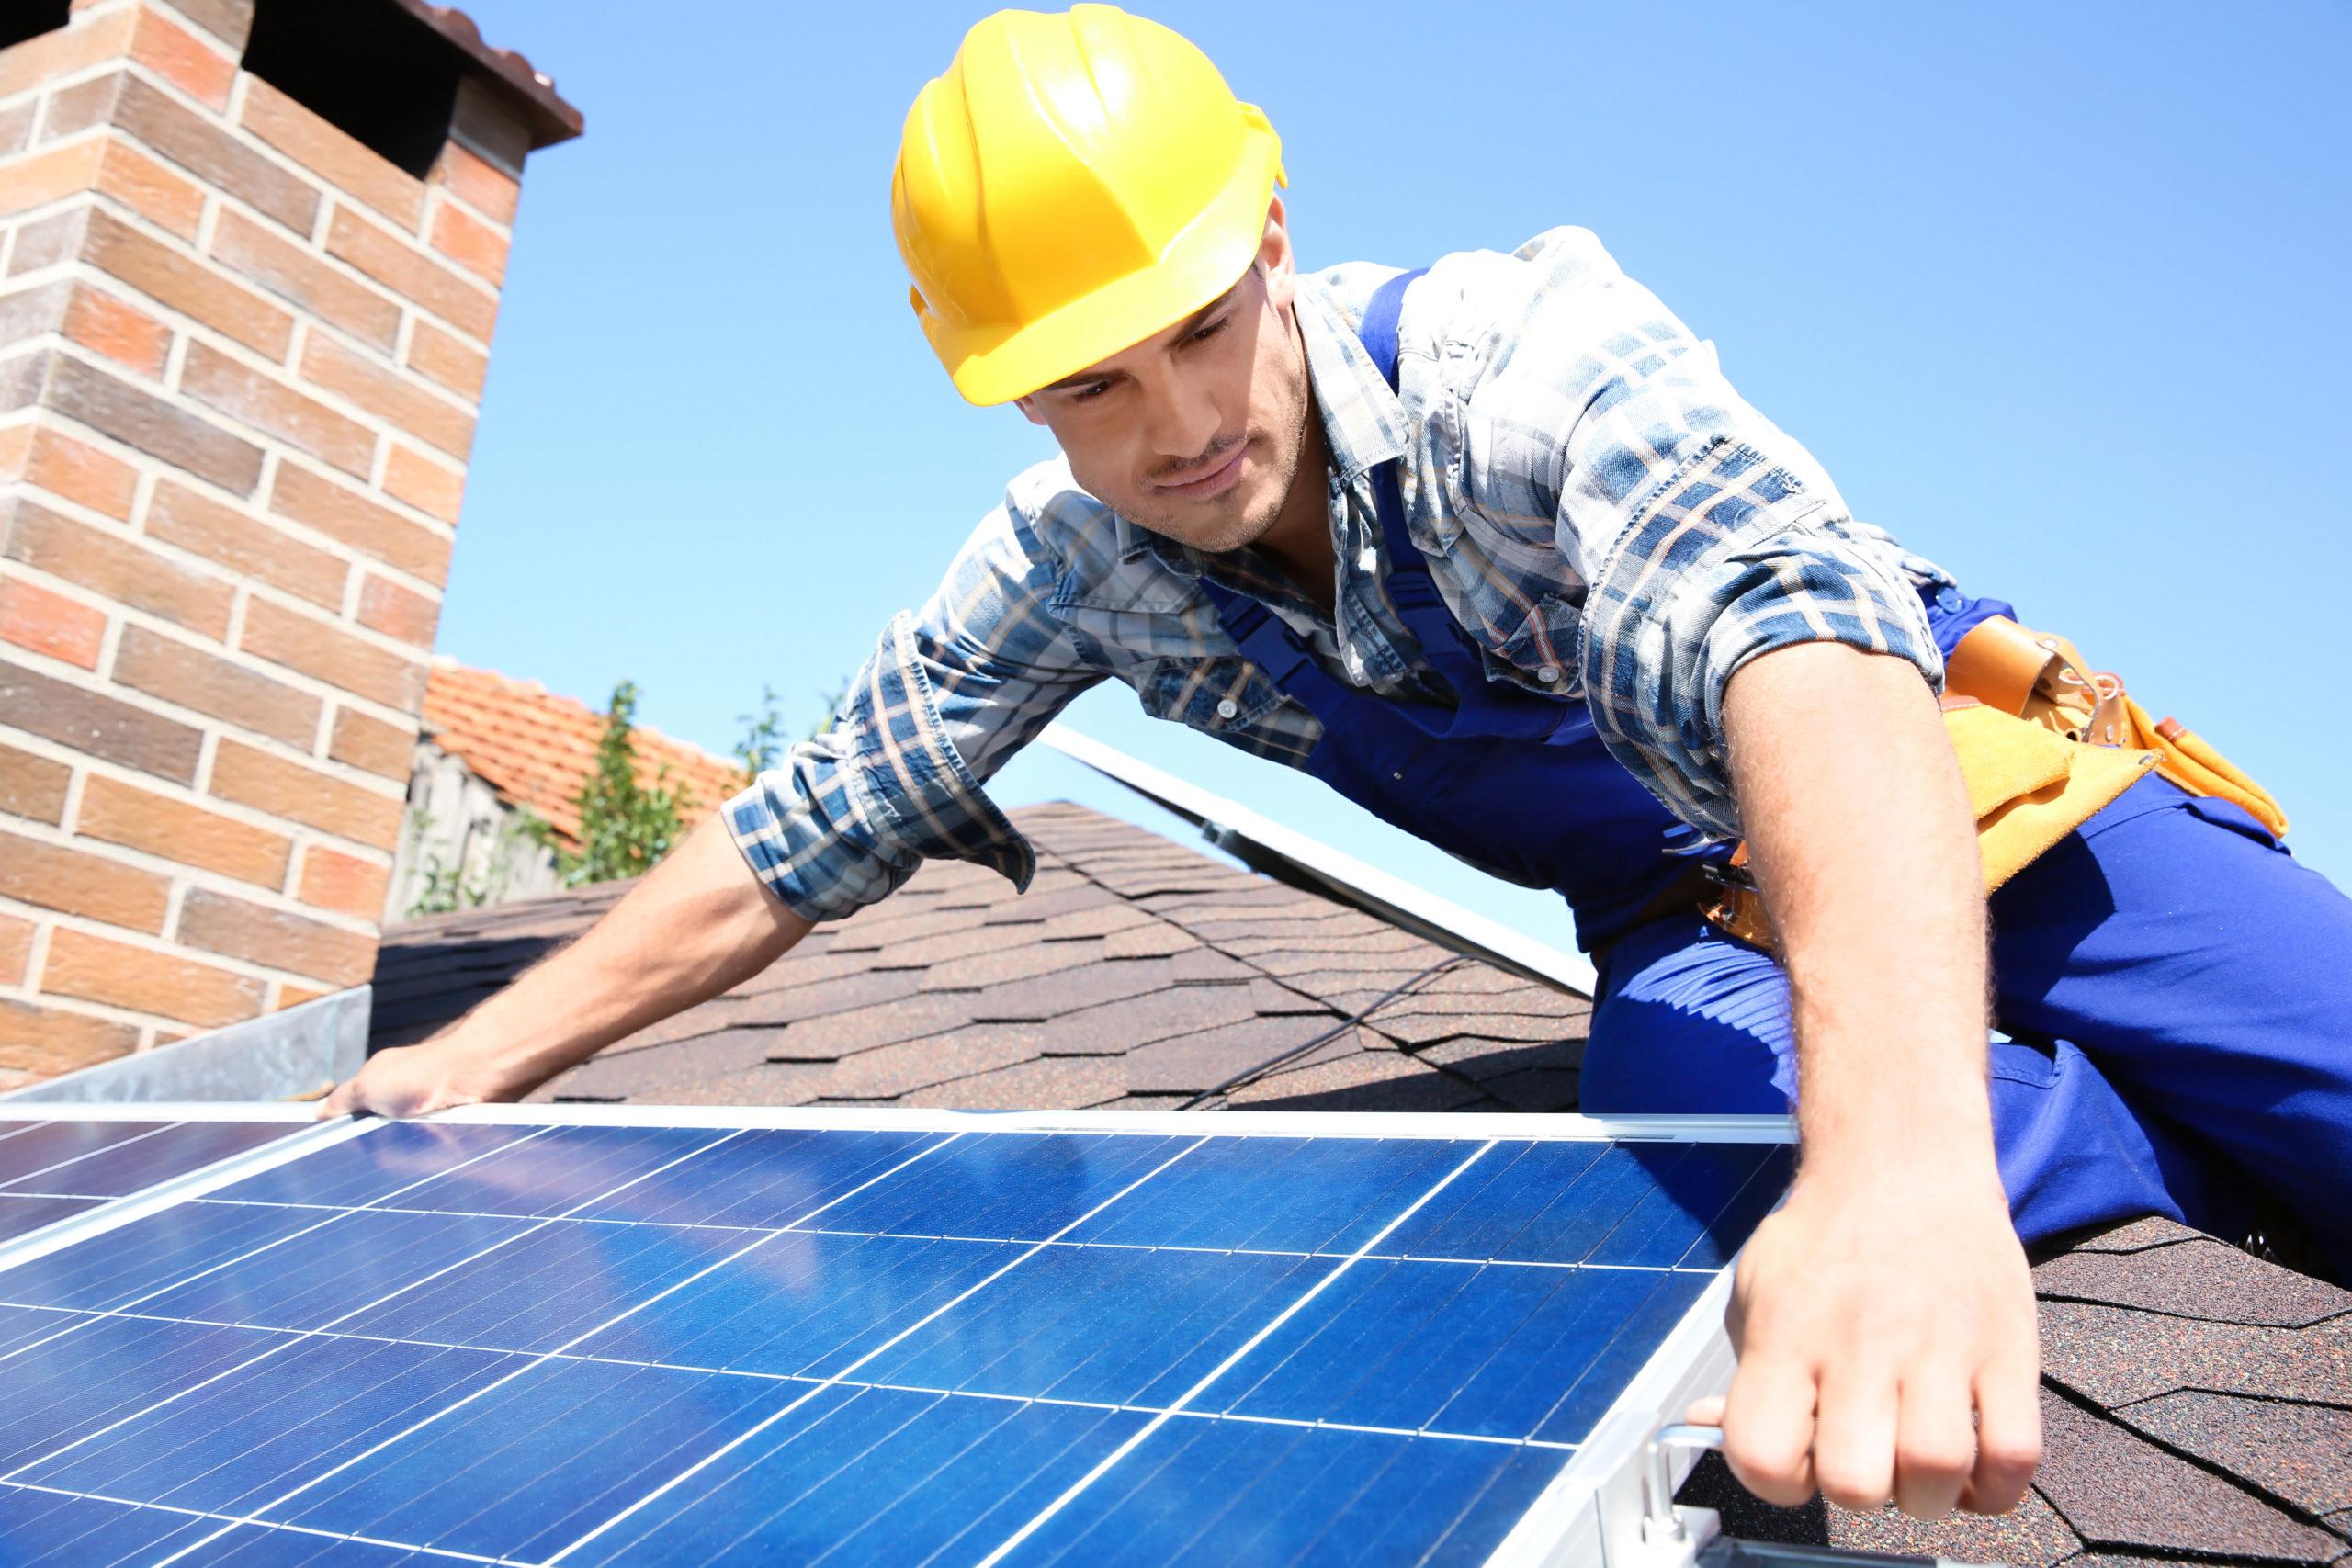 Positive solar energy